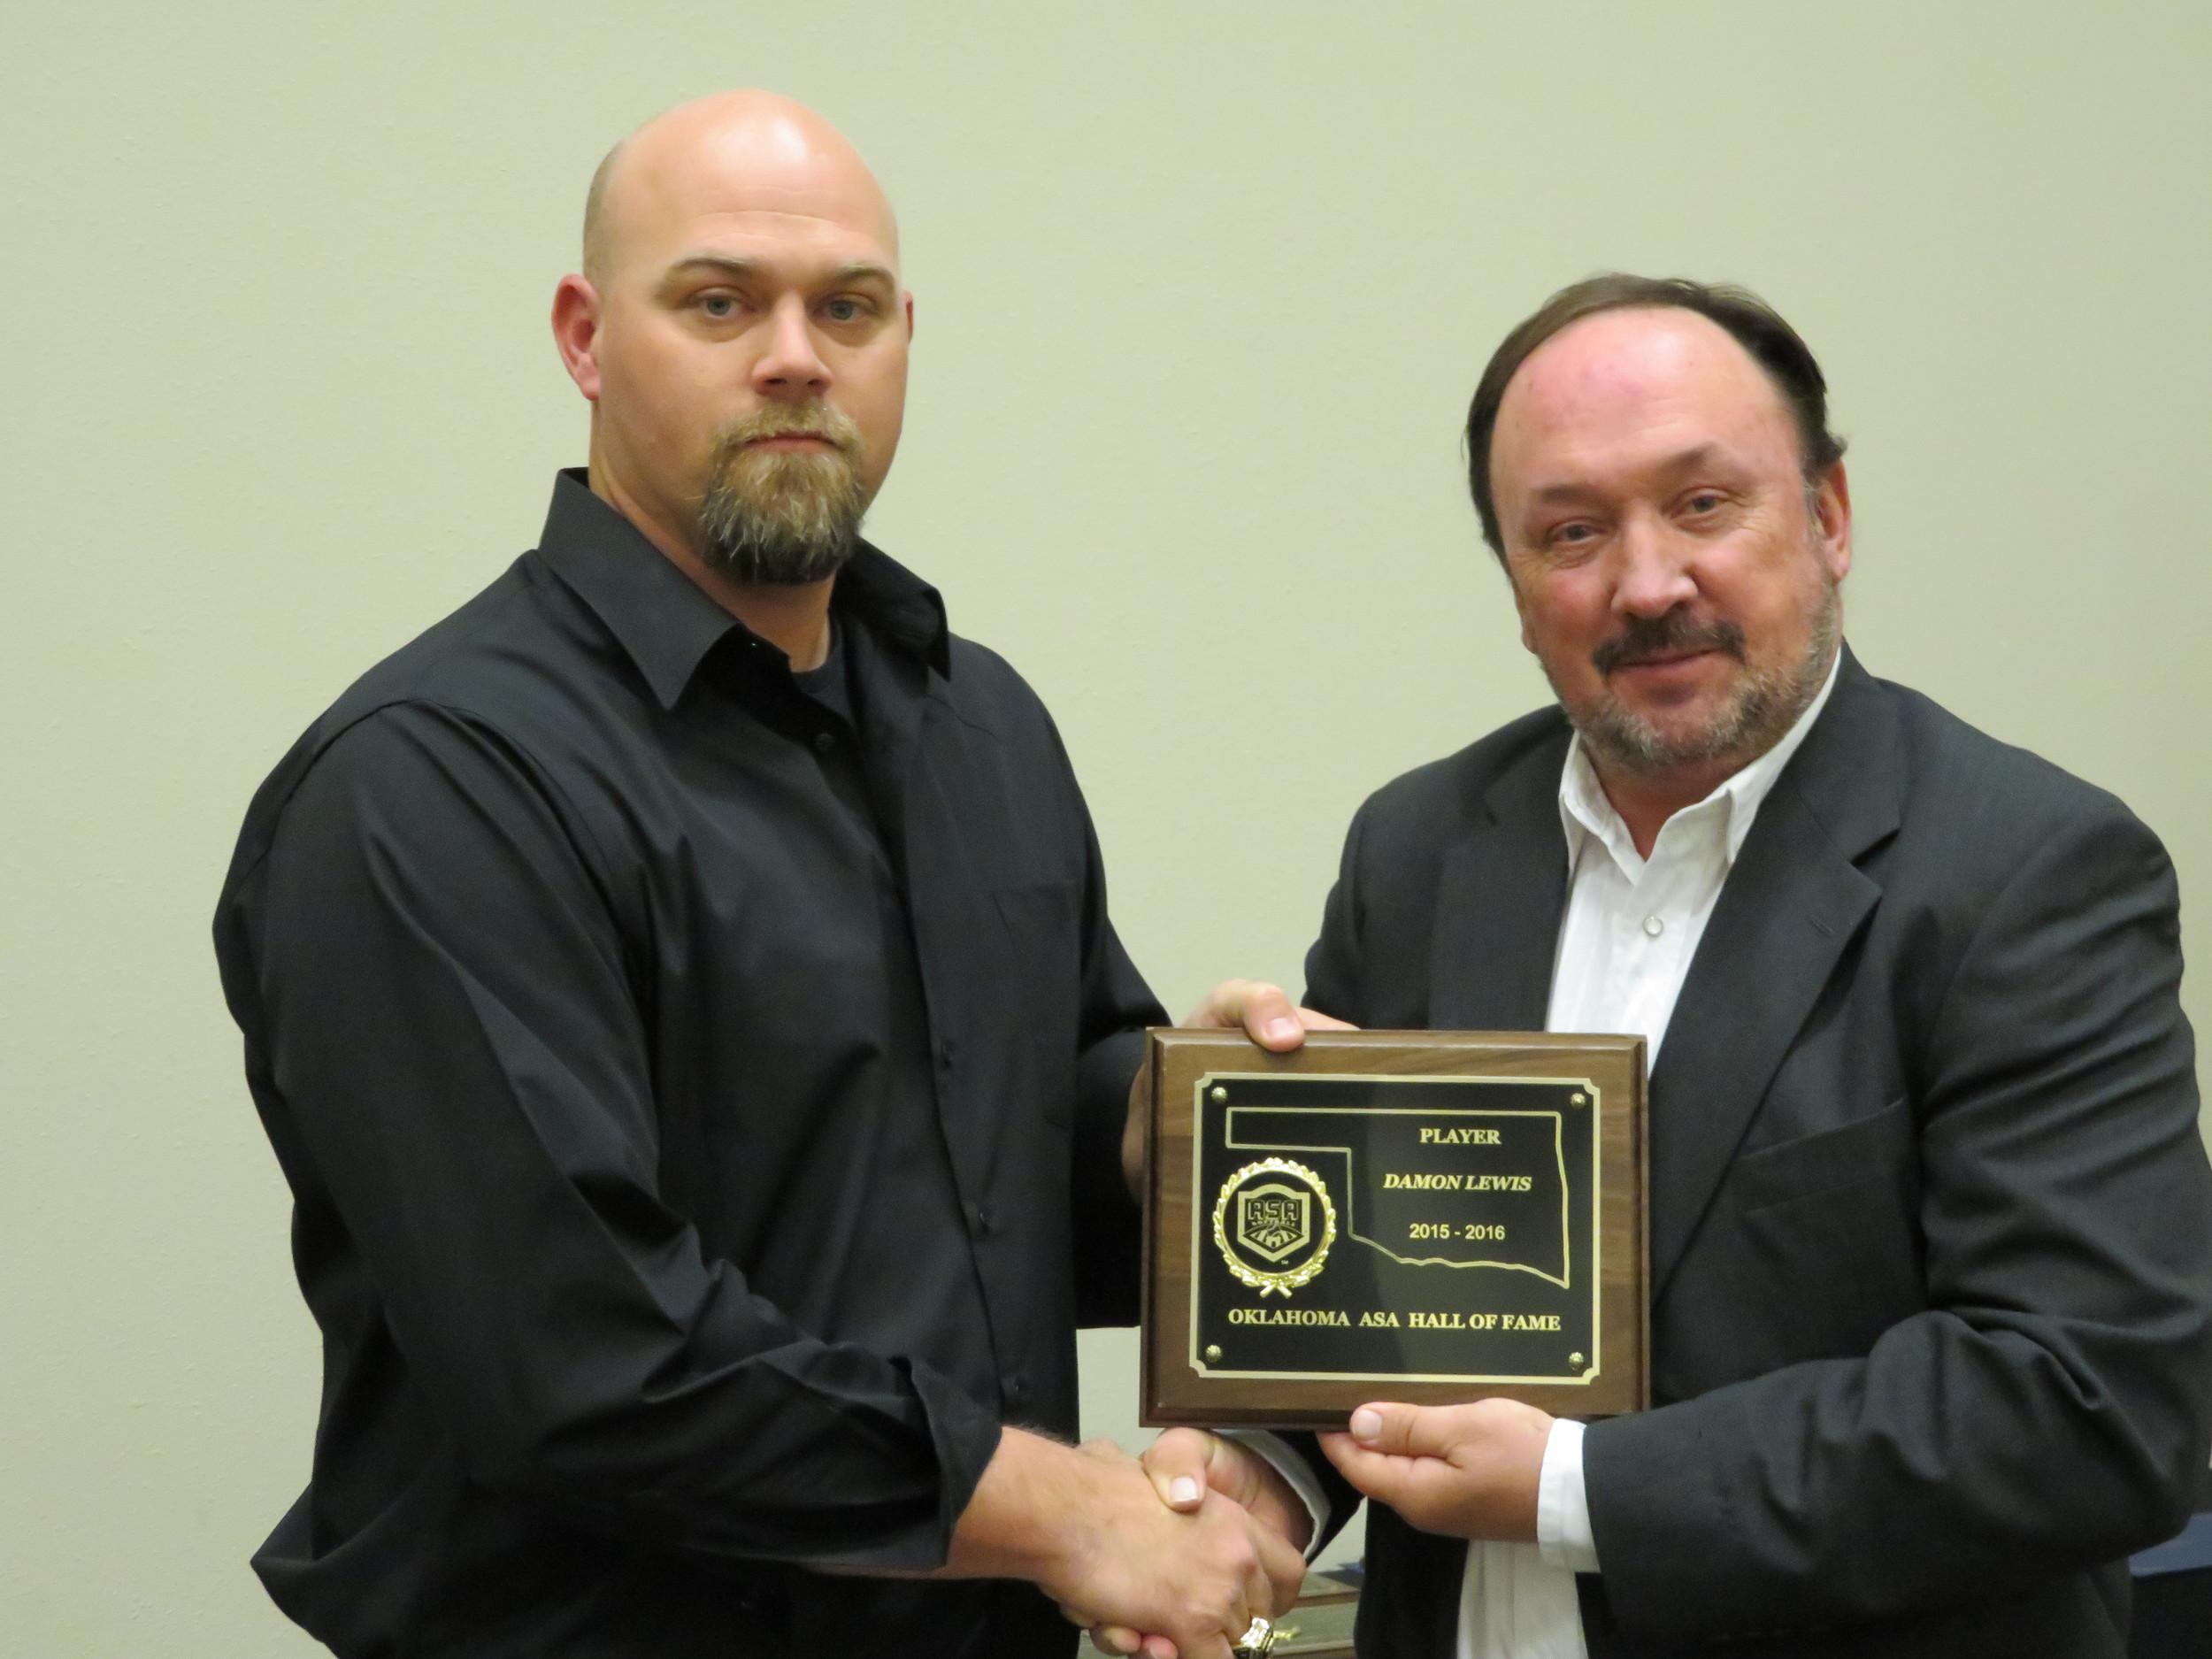 Damon Lewis Award.JPG